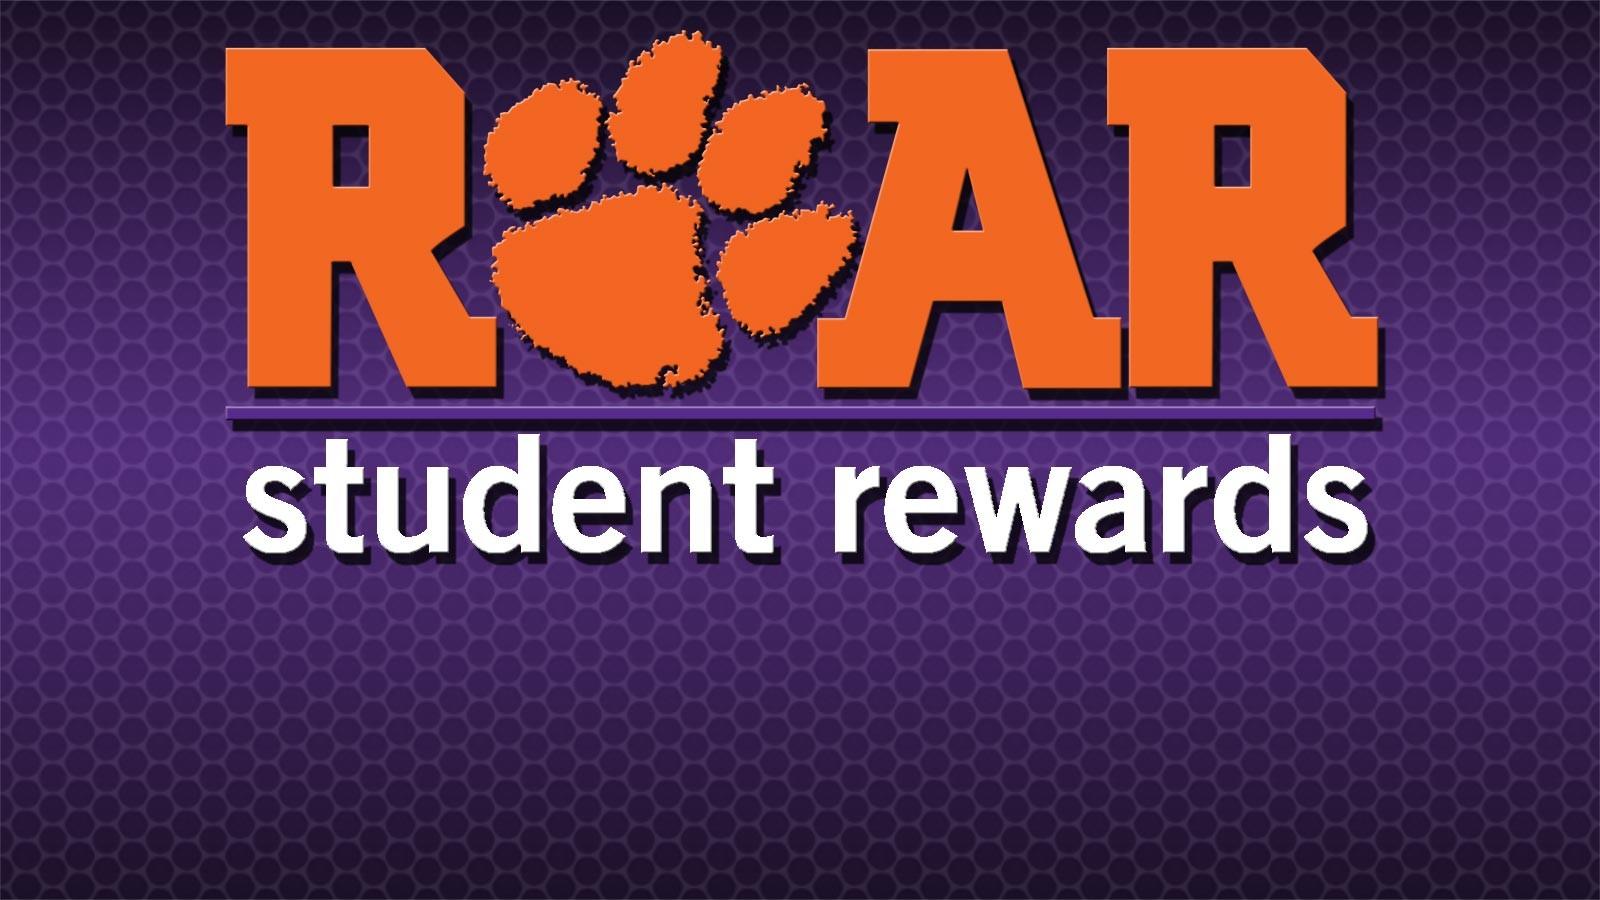 Clemson Athletics Announces Student Attendance Rewards Program